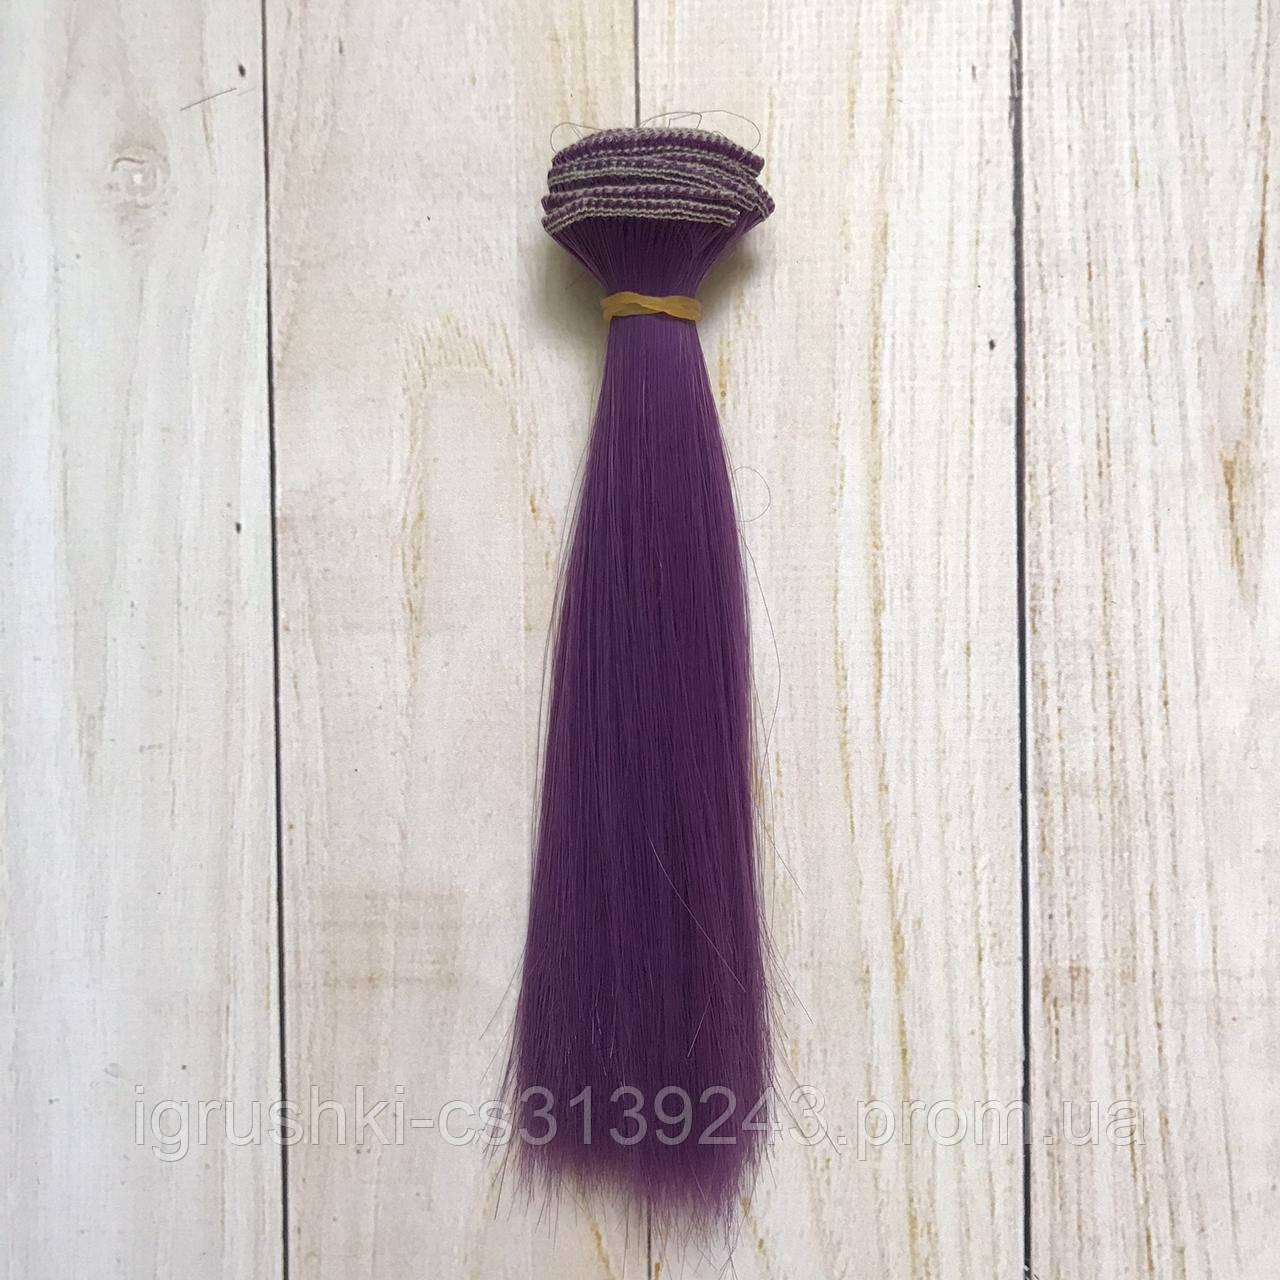 Волосы для кукол (трессы) 15 * 100 см Цвет 36